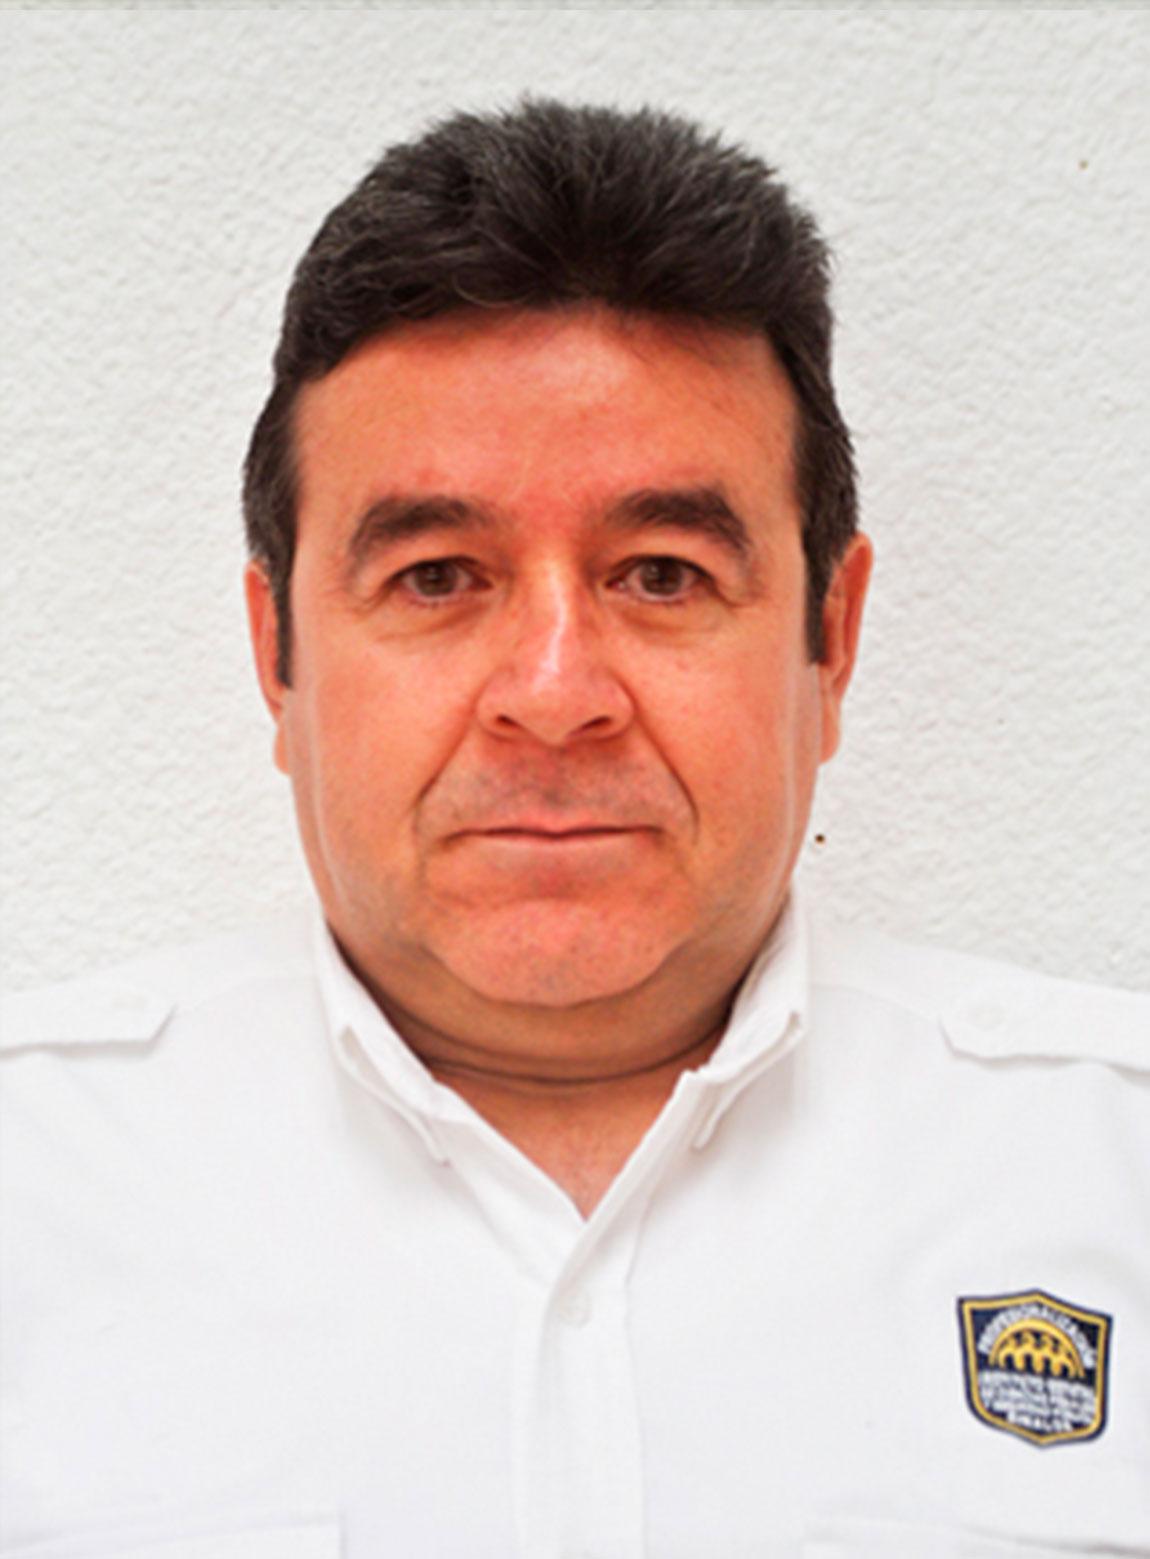 Lic. Sergio Iván Celaya Valenzuela